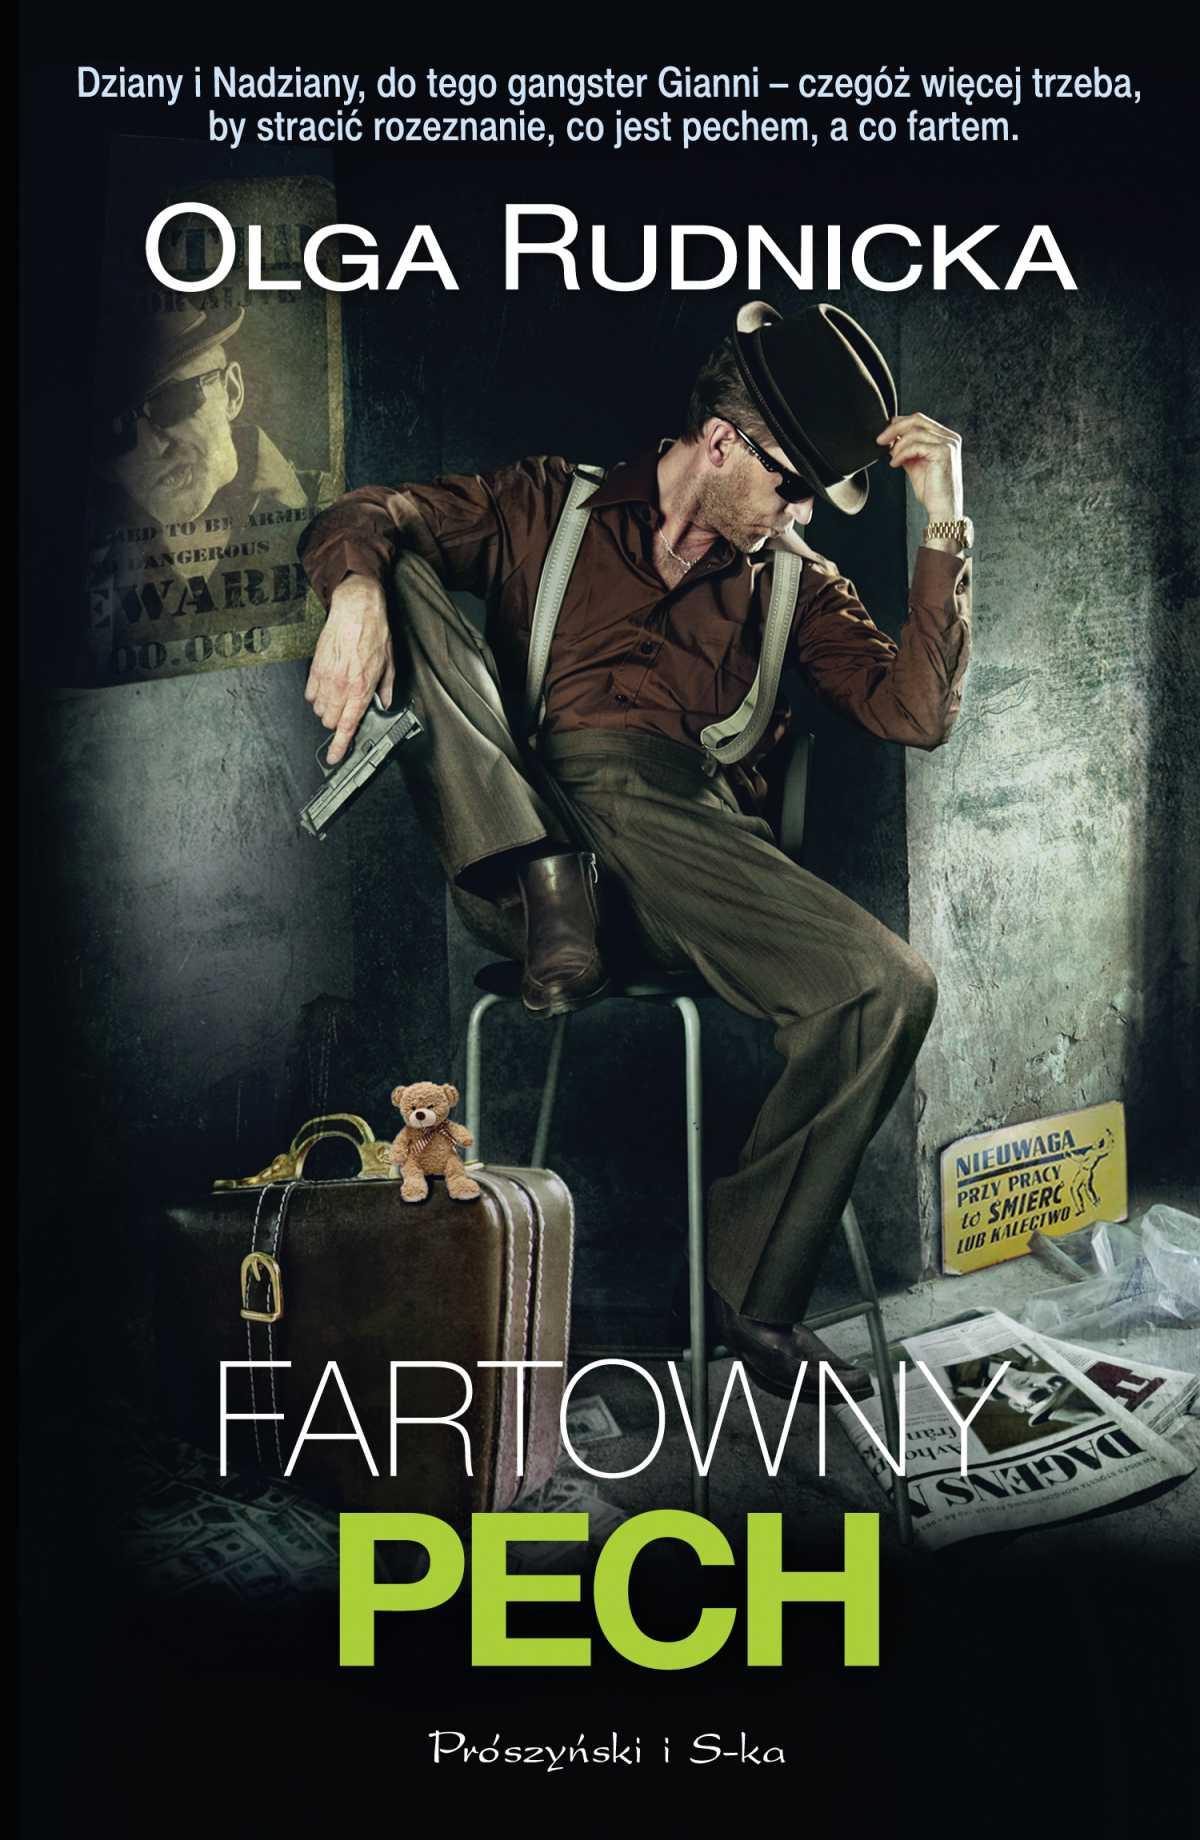 Fartowny pech - Ebook (Książka EPUB) do pobrania w formacie EPUB